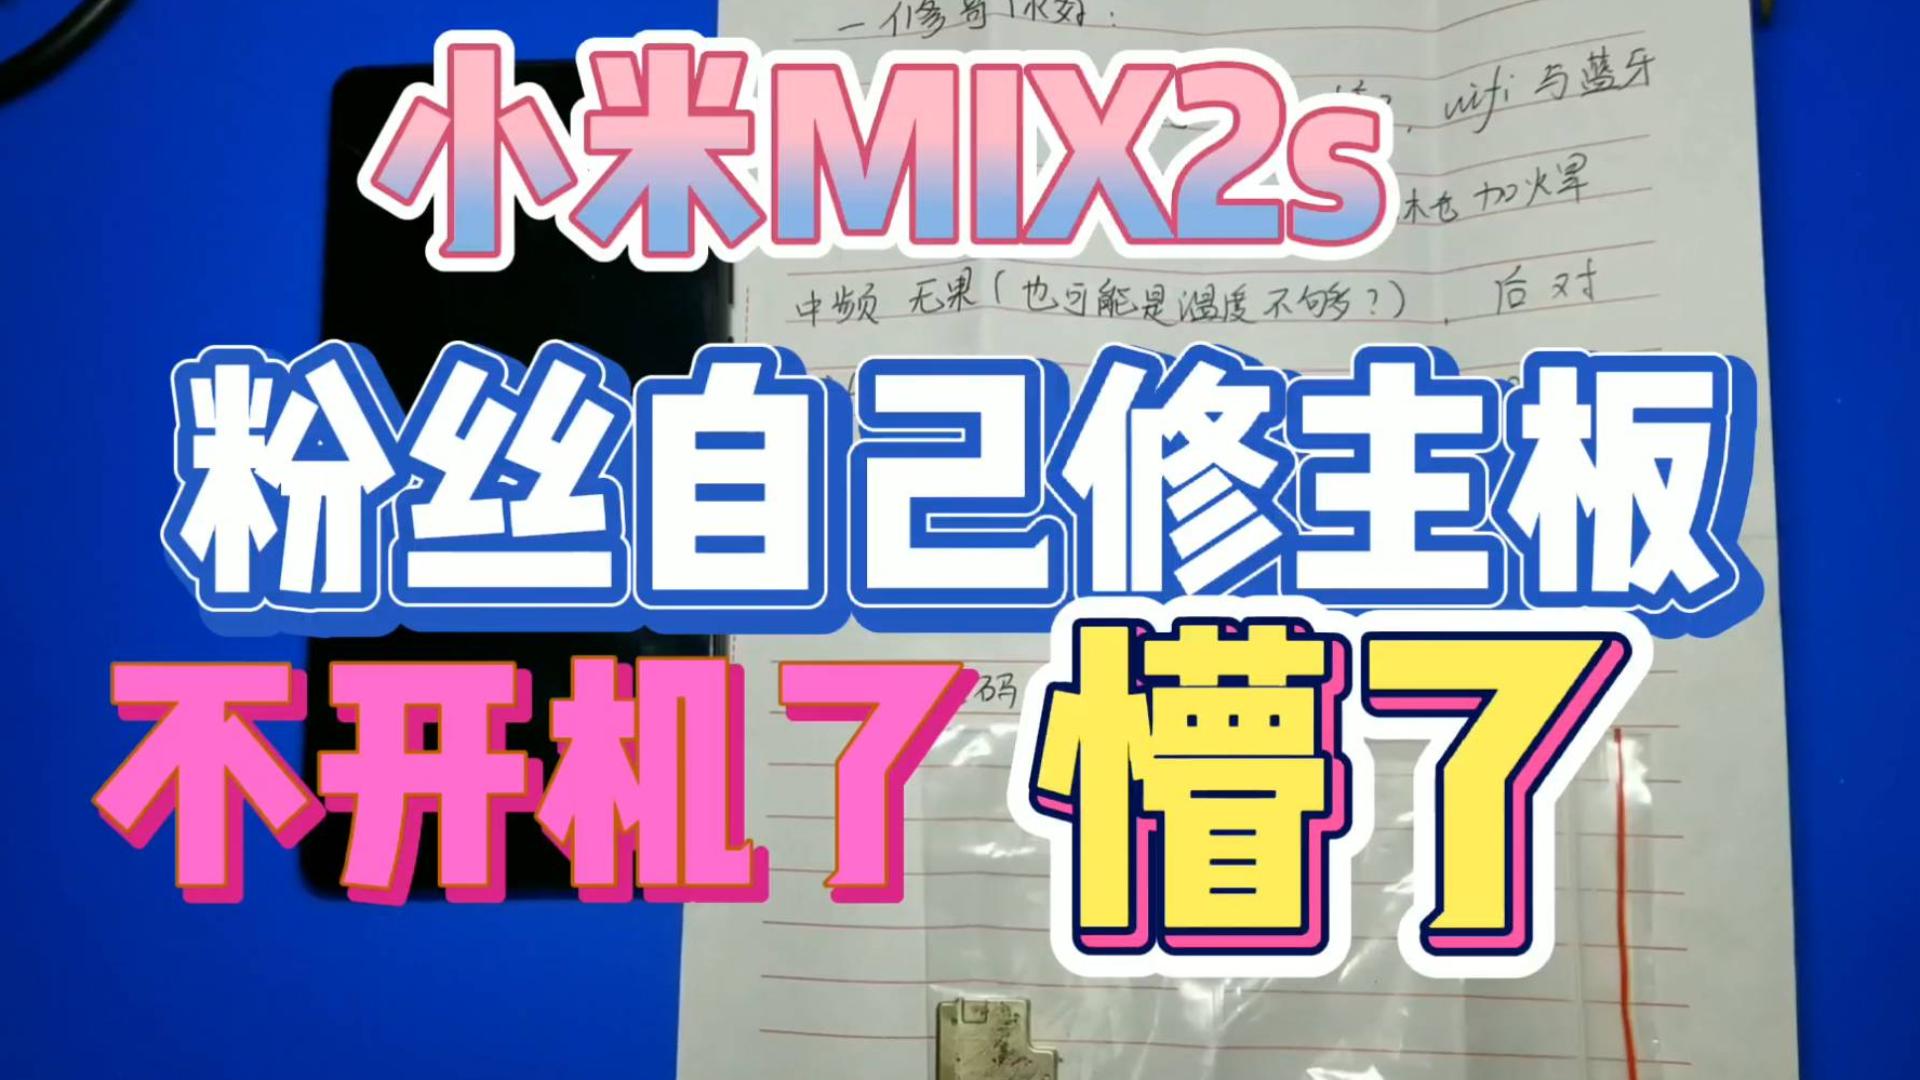 小米Mix2s粉丝自己拆芯片修主板不开机了,高手在民间,一修哥来拯救它